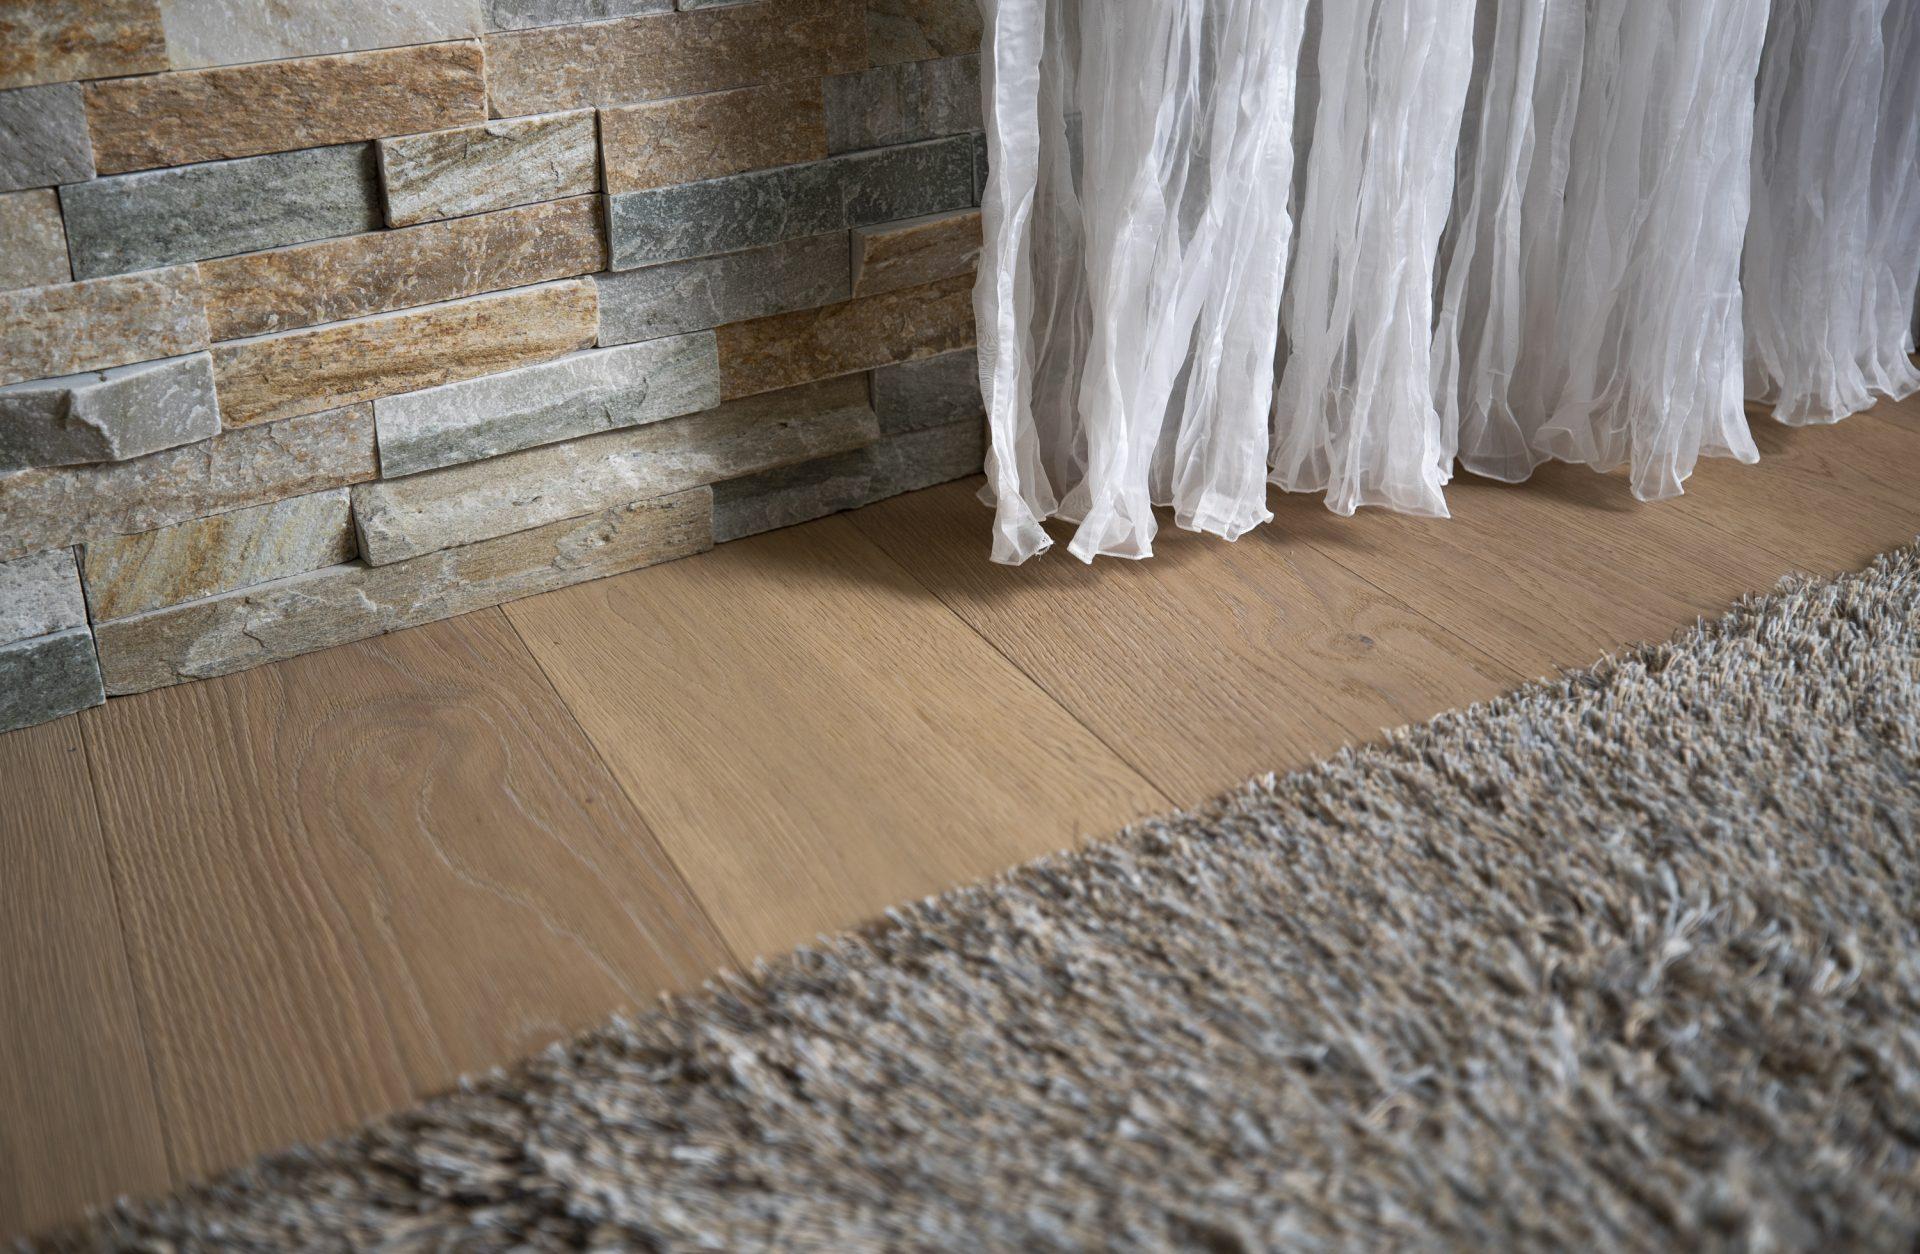 Scheuber Teppich Vorhänge Steinwand Innenarchitektur Material